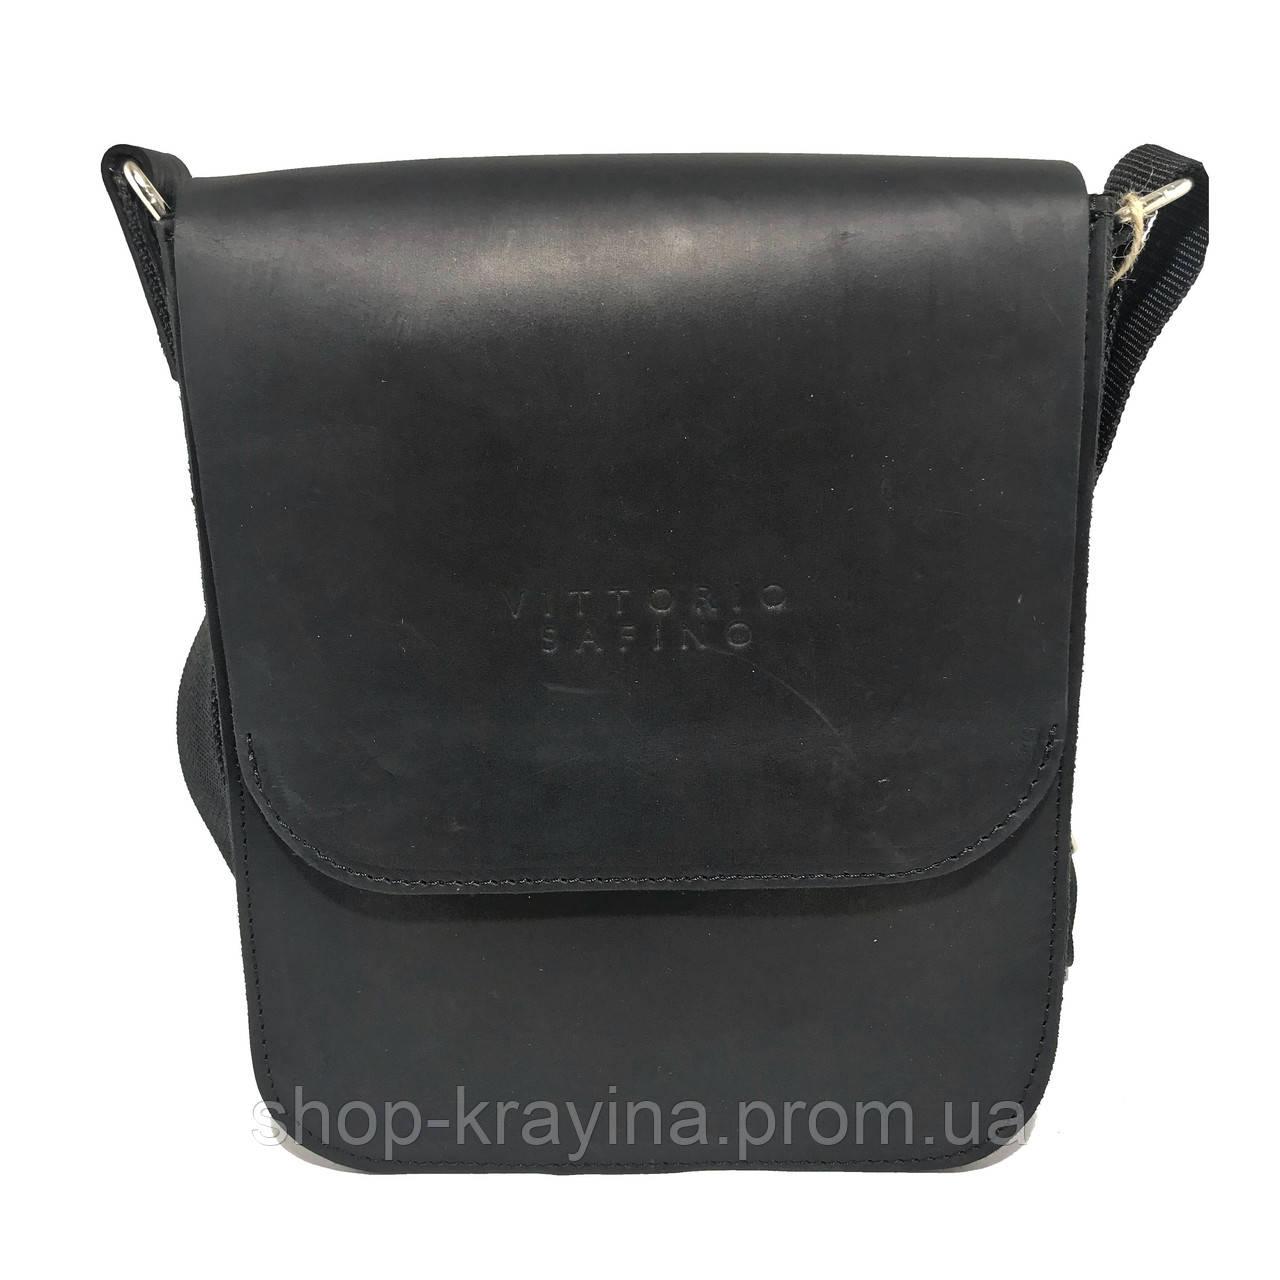 Кожаная мужская сумка VS214 Crazy horse blak 20х23х5.5  см